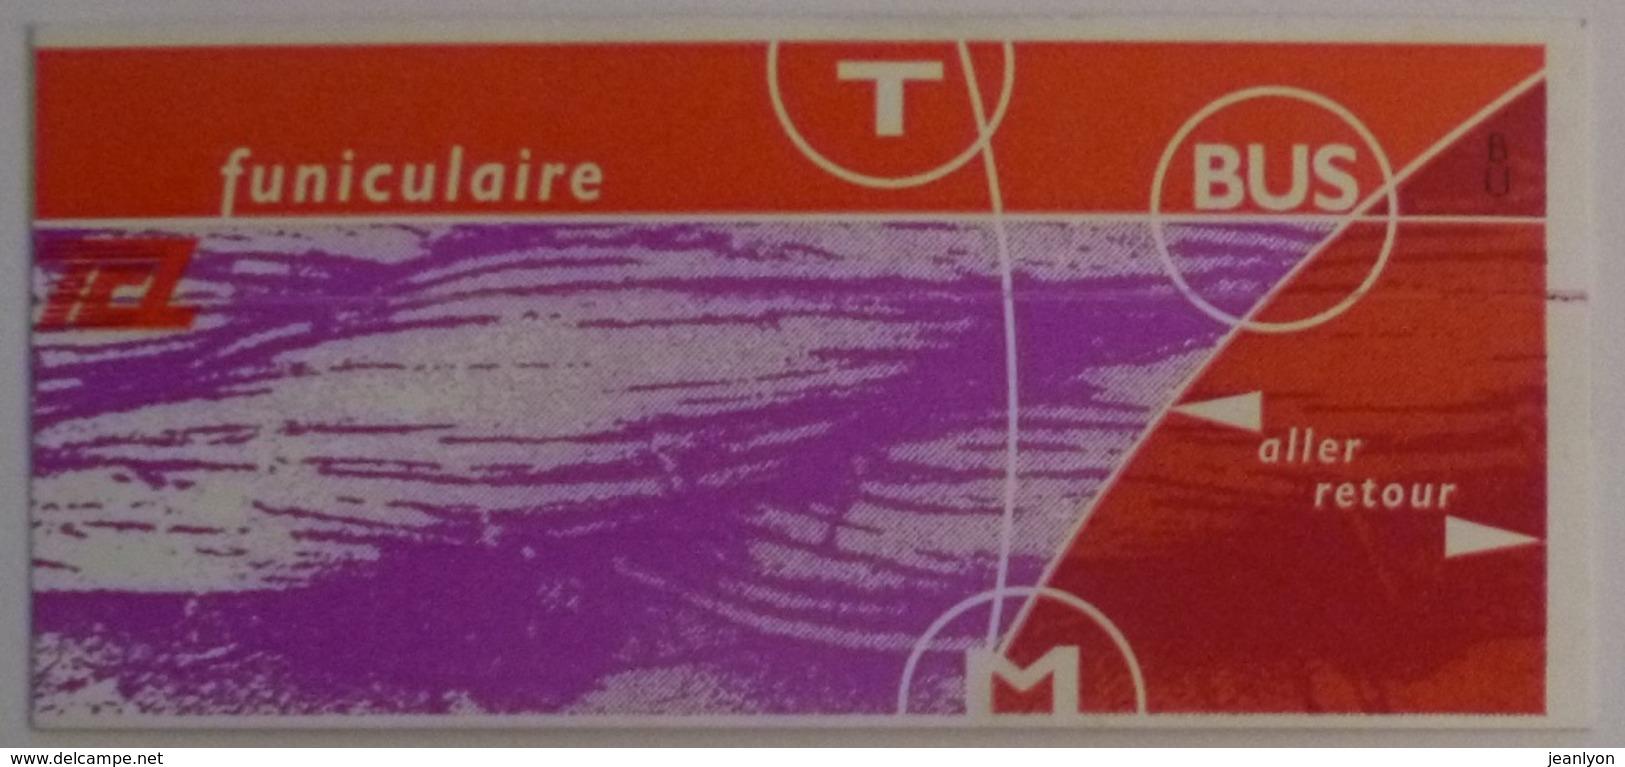 Ticket Funiculaire TCL Lyon (69/Rhône) - Aller Retour / Ticket Oblitéré - Subway